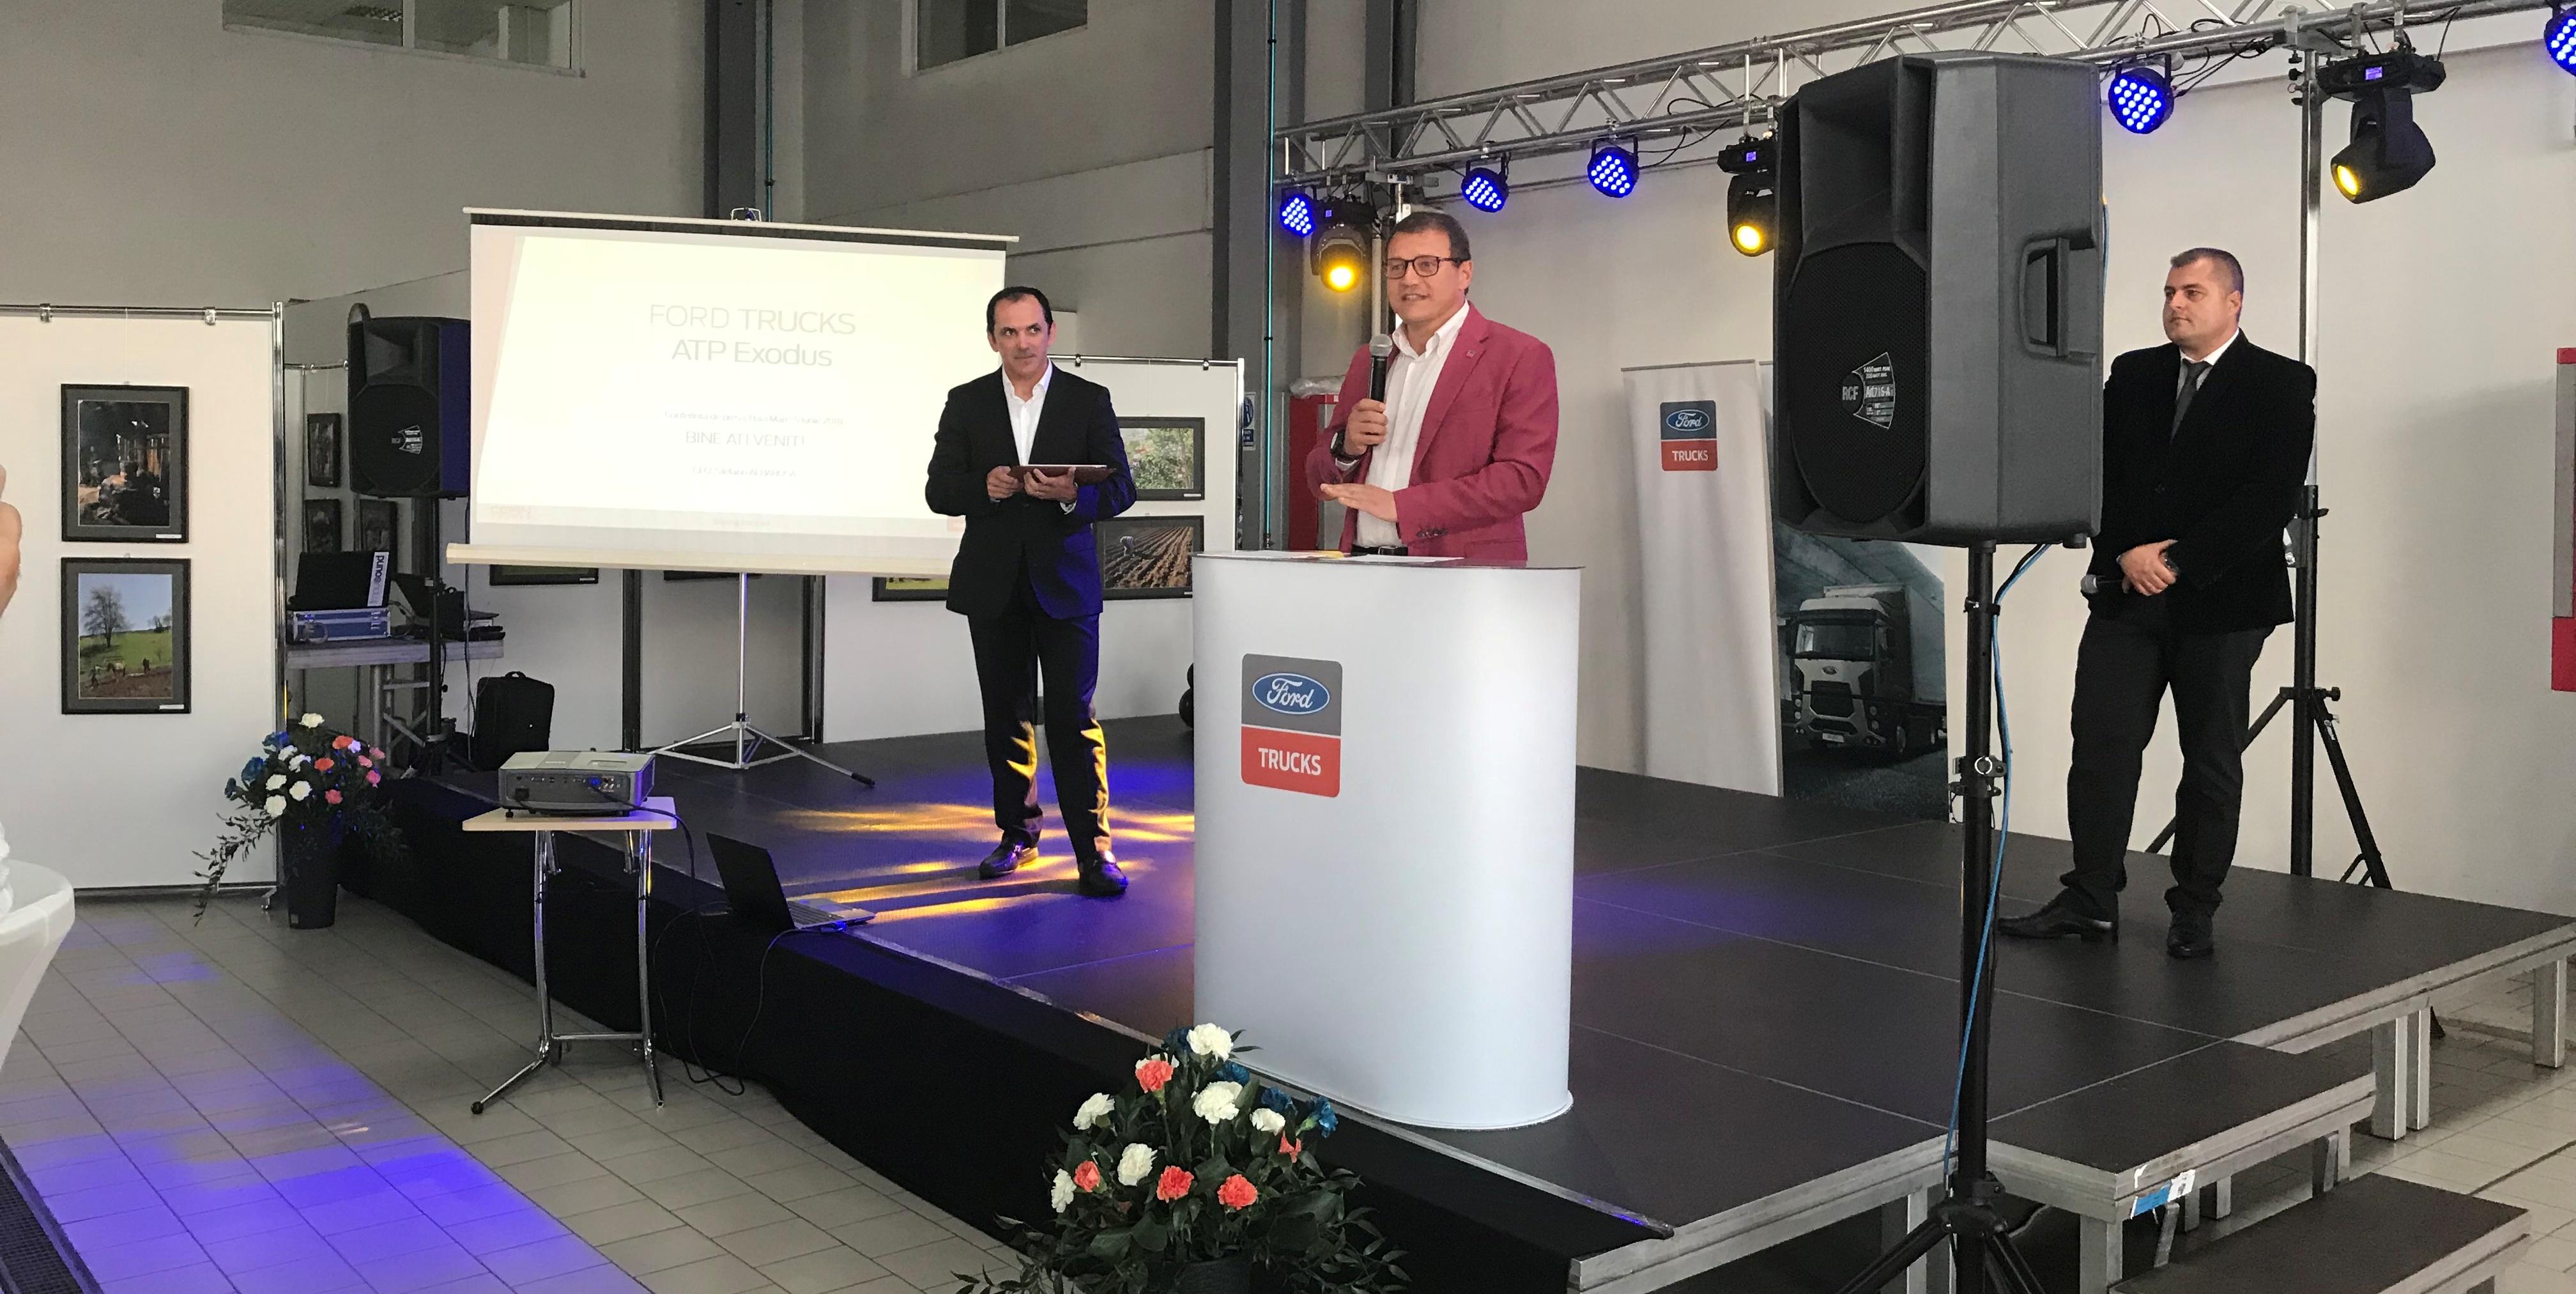 ATP Exodus – noul partener Cefin Trucks  în rețeaua de distribuție Ford Trucks în România - 1